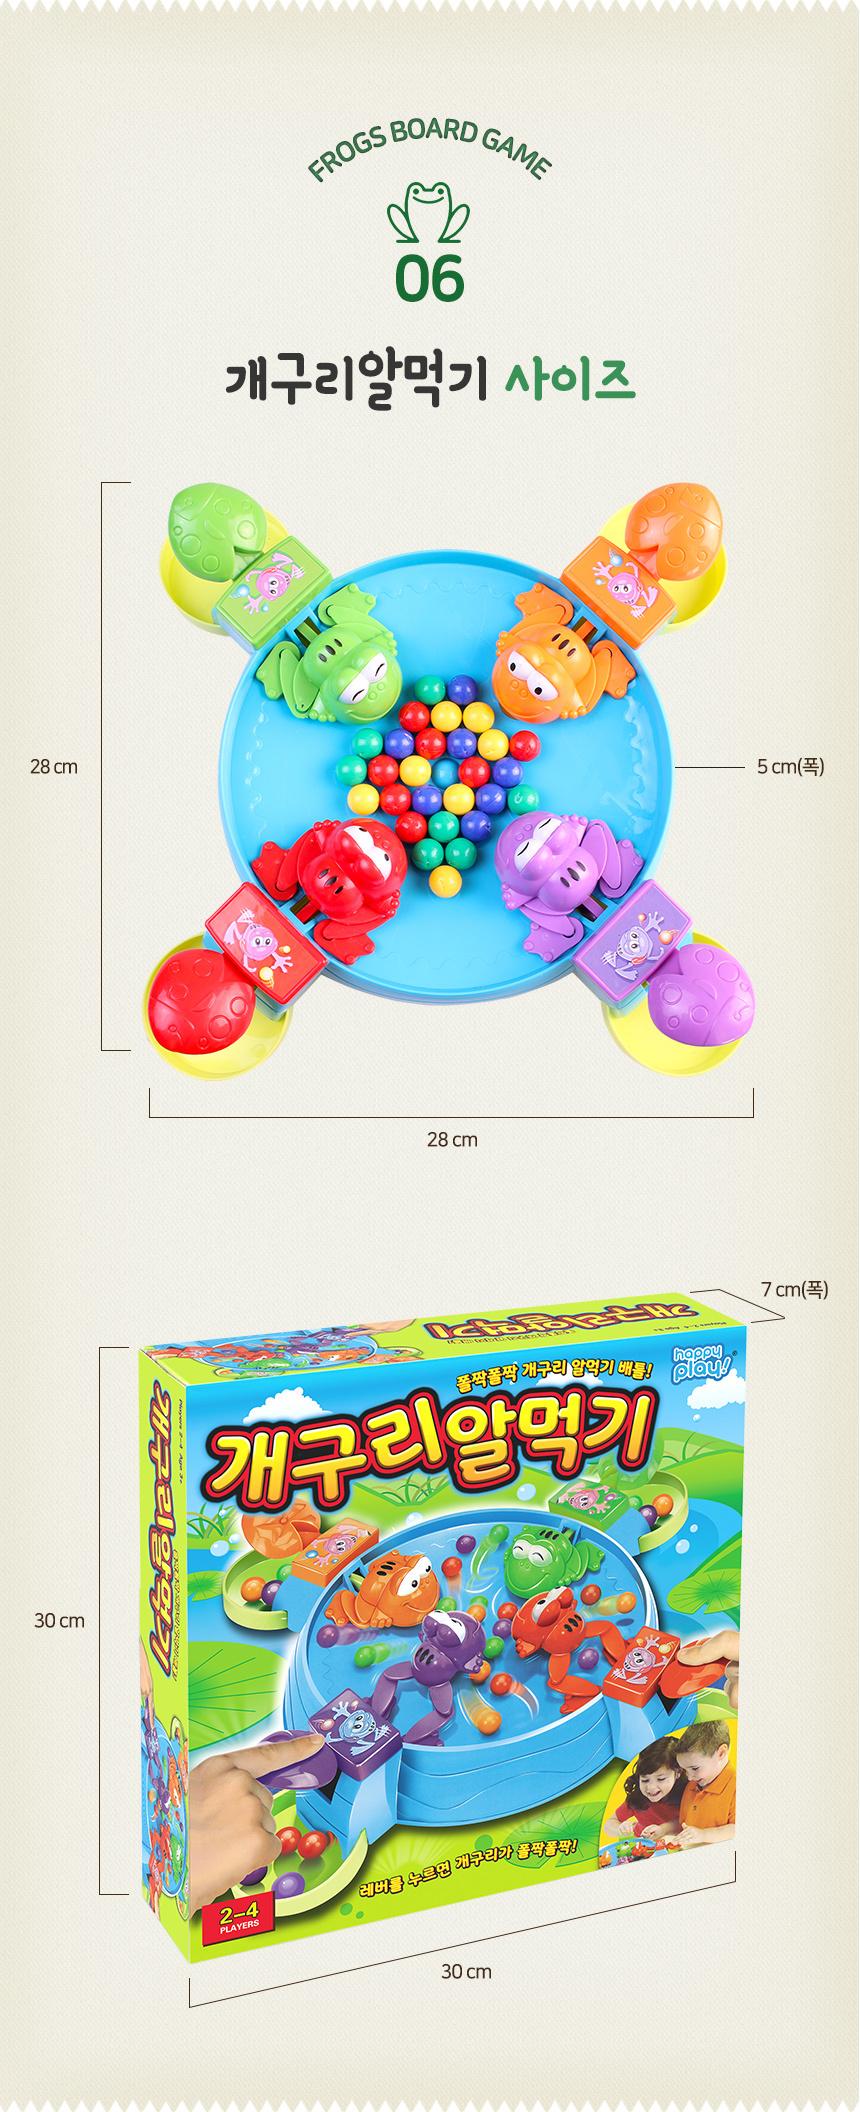 해피플레이 개구리알먹기 인기 보드게임 추천 장난감 - 해피플레이, 18,000원, 장난감, 장난감